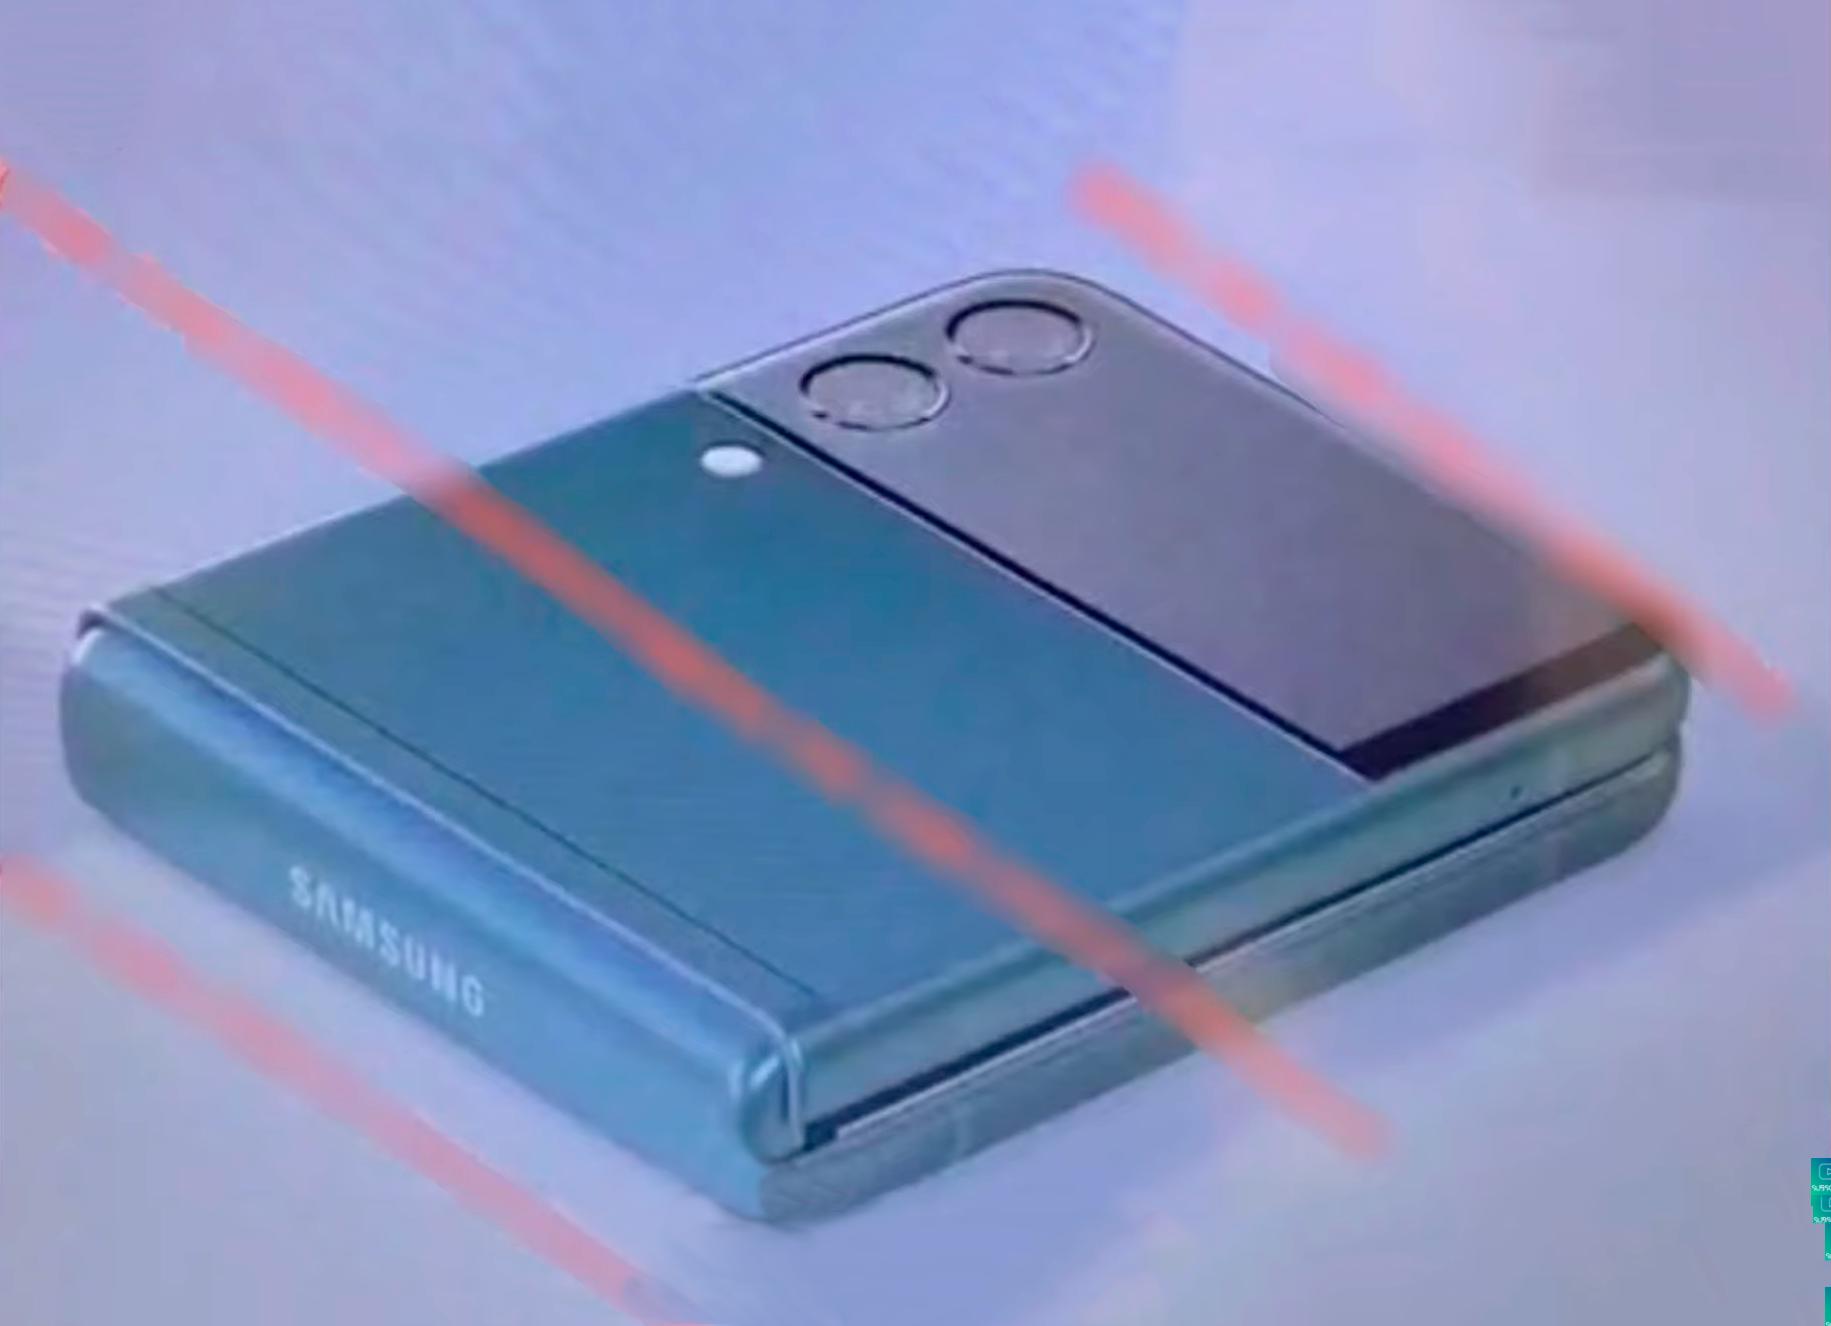 Filtrado el próximo Samsung Galaxy Z Flip 3: bordes planos y pantalla exterior más grande